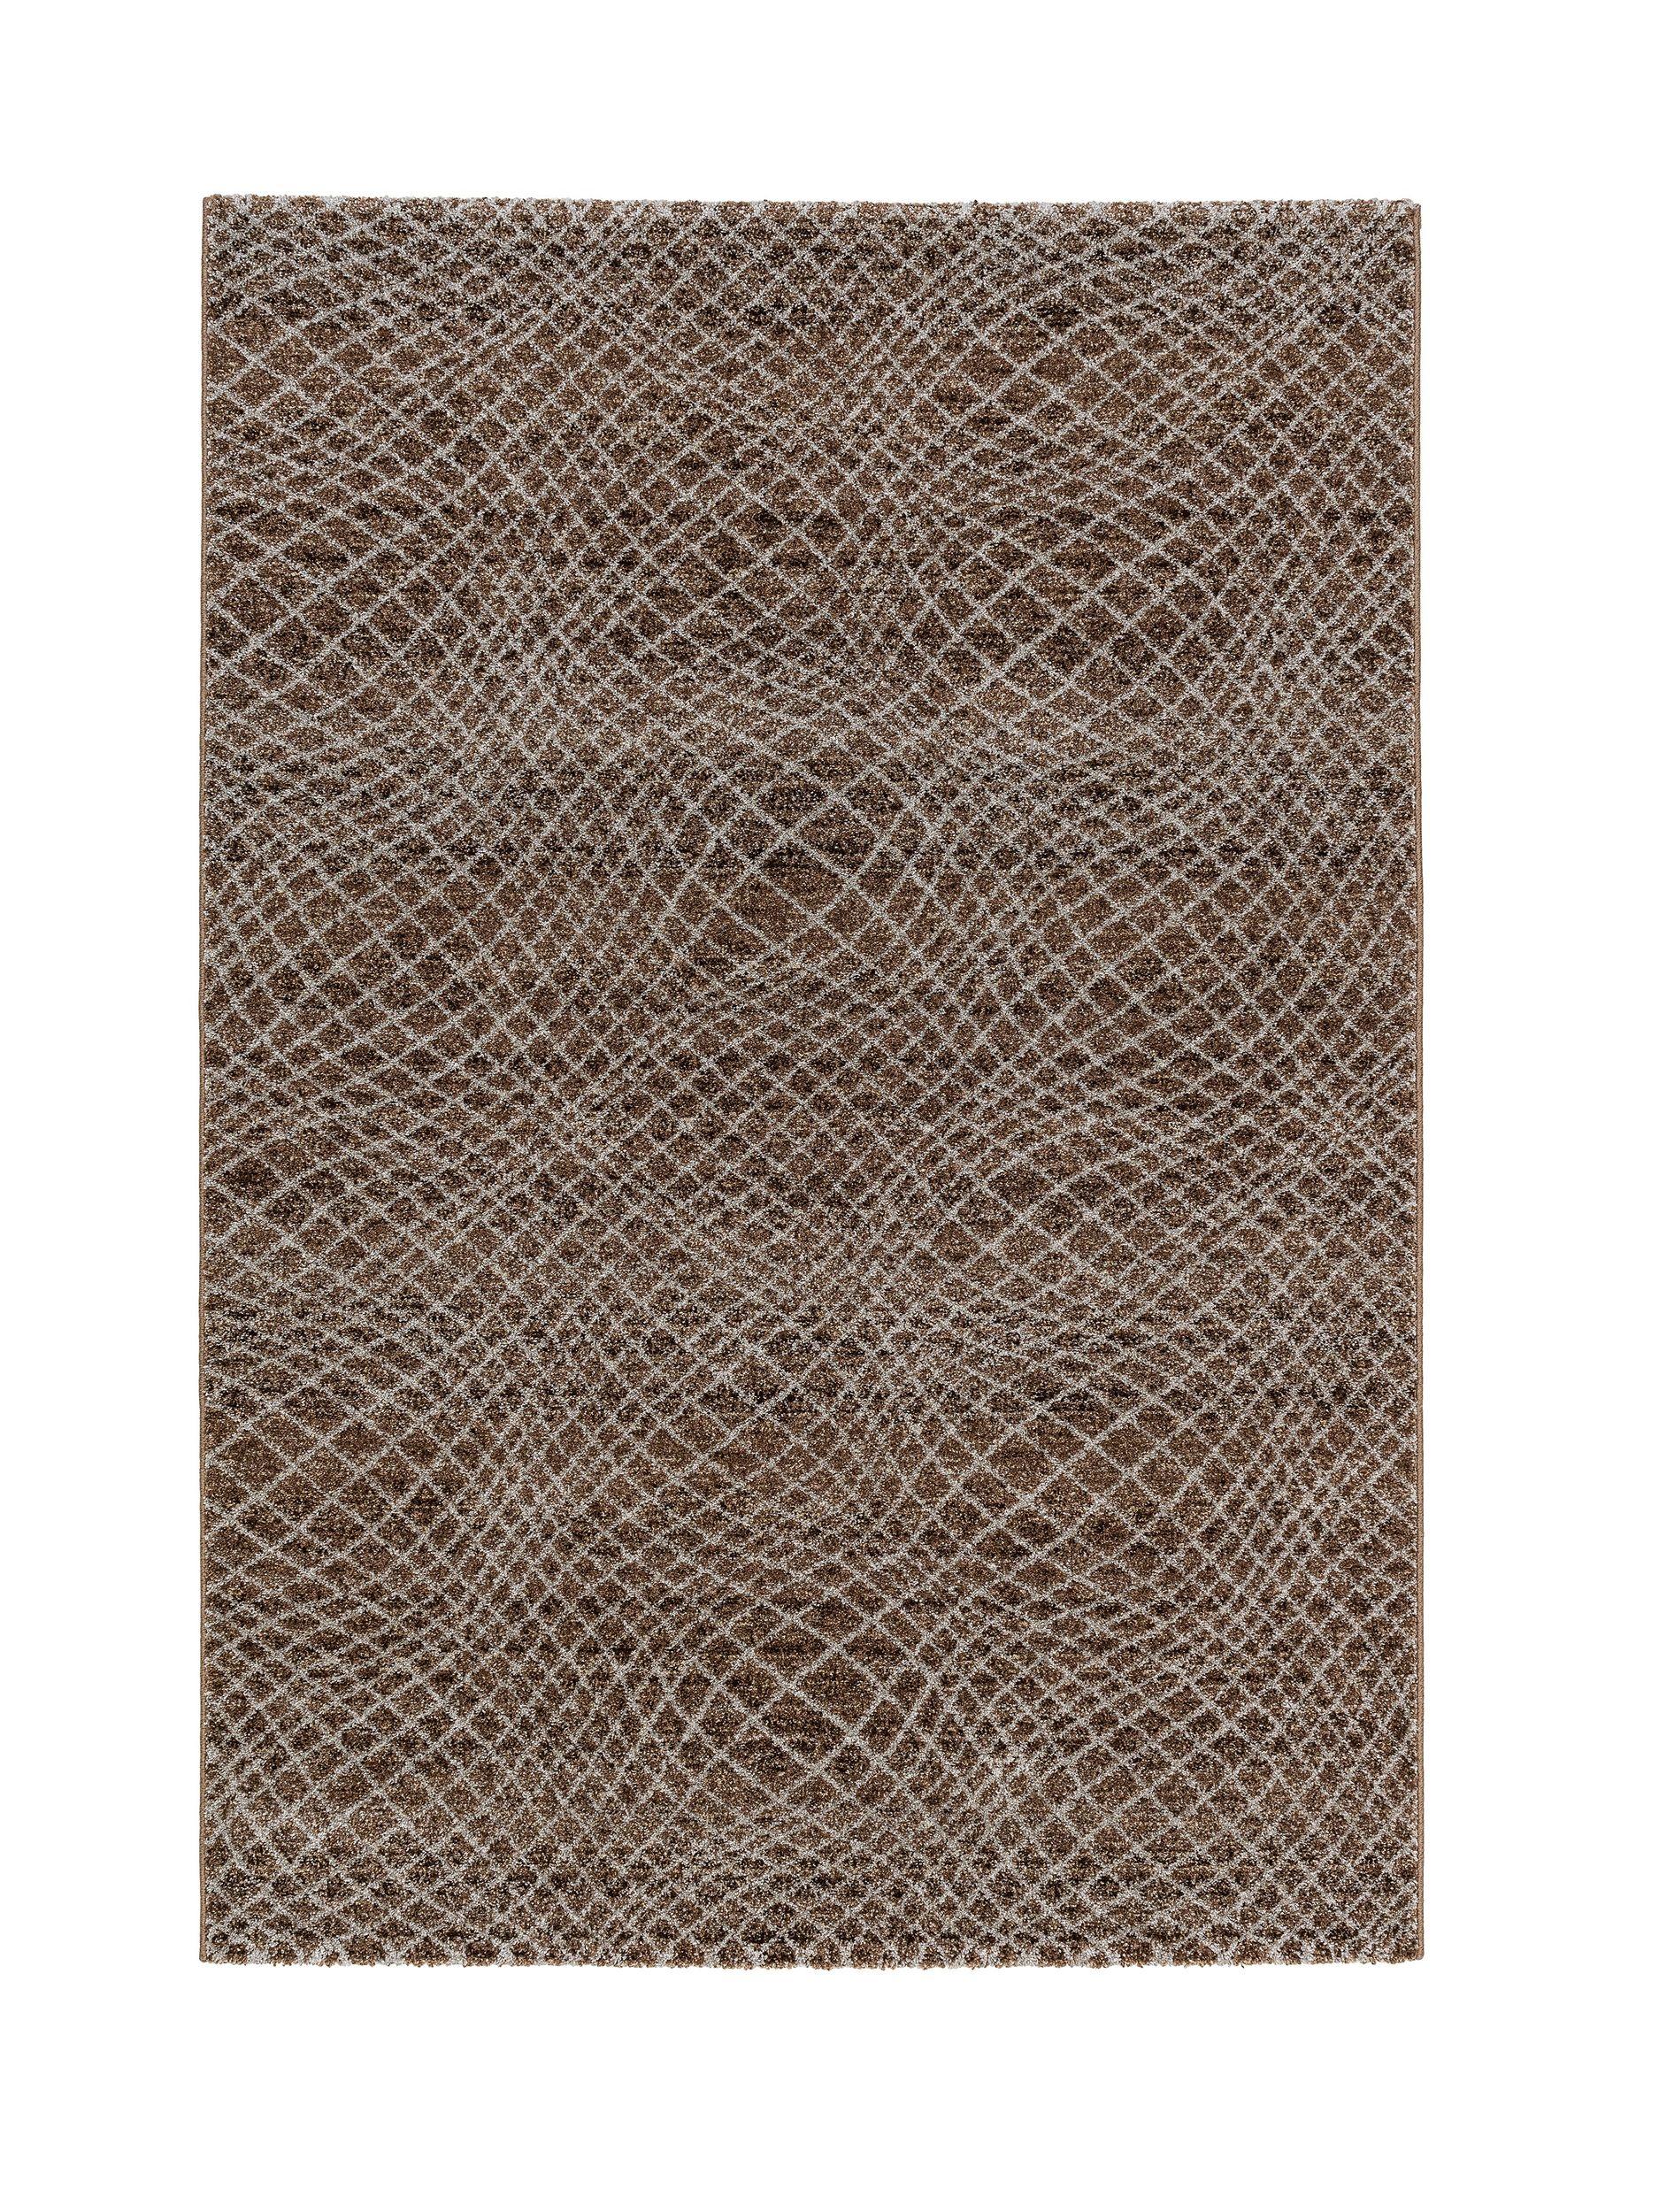 Teppich 60x110cm wm CARPI GITTER